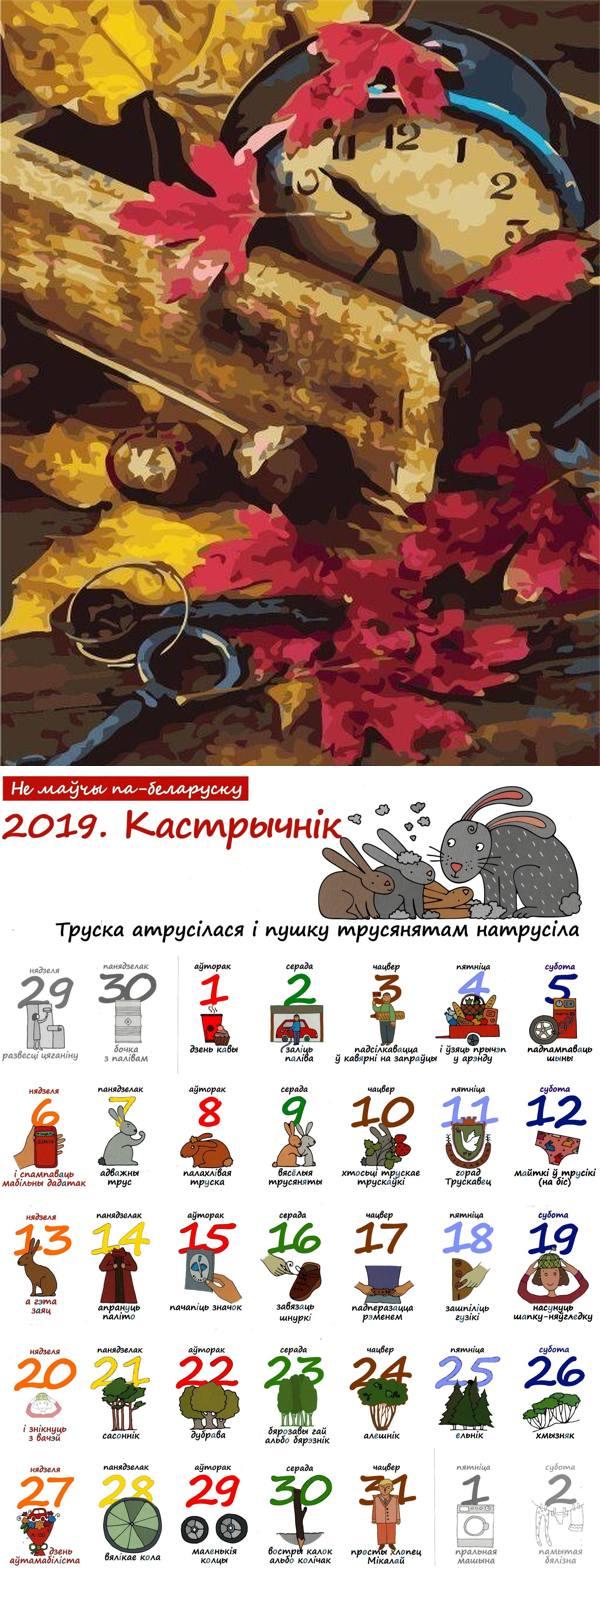 *** Астропрогноз — Октябрь 2019 ⇐ Тантра-Джйотиш Ведическая астрология Школа-Ведаврата ***